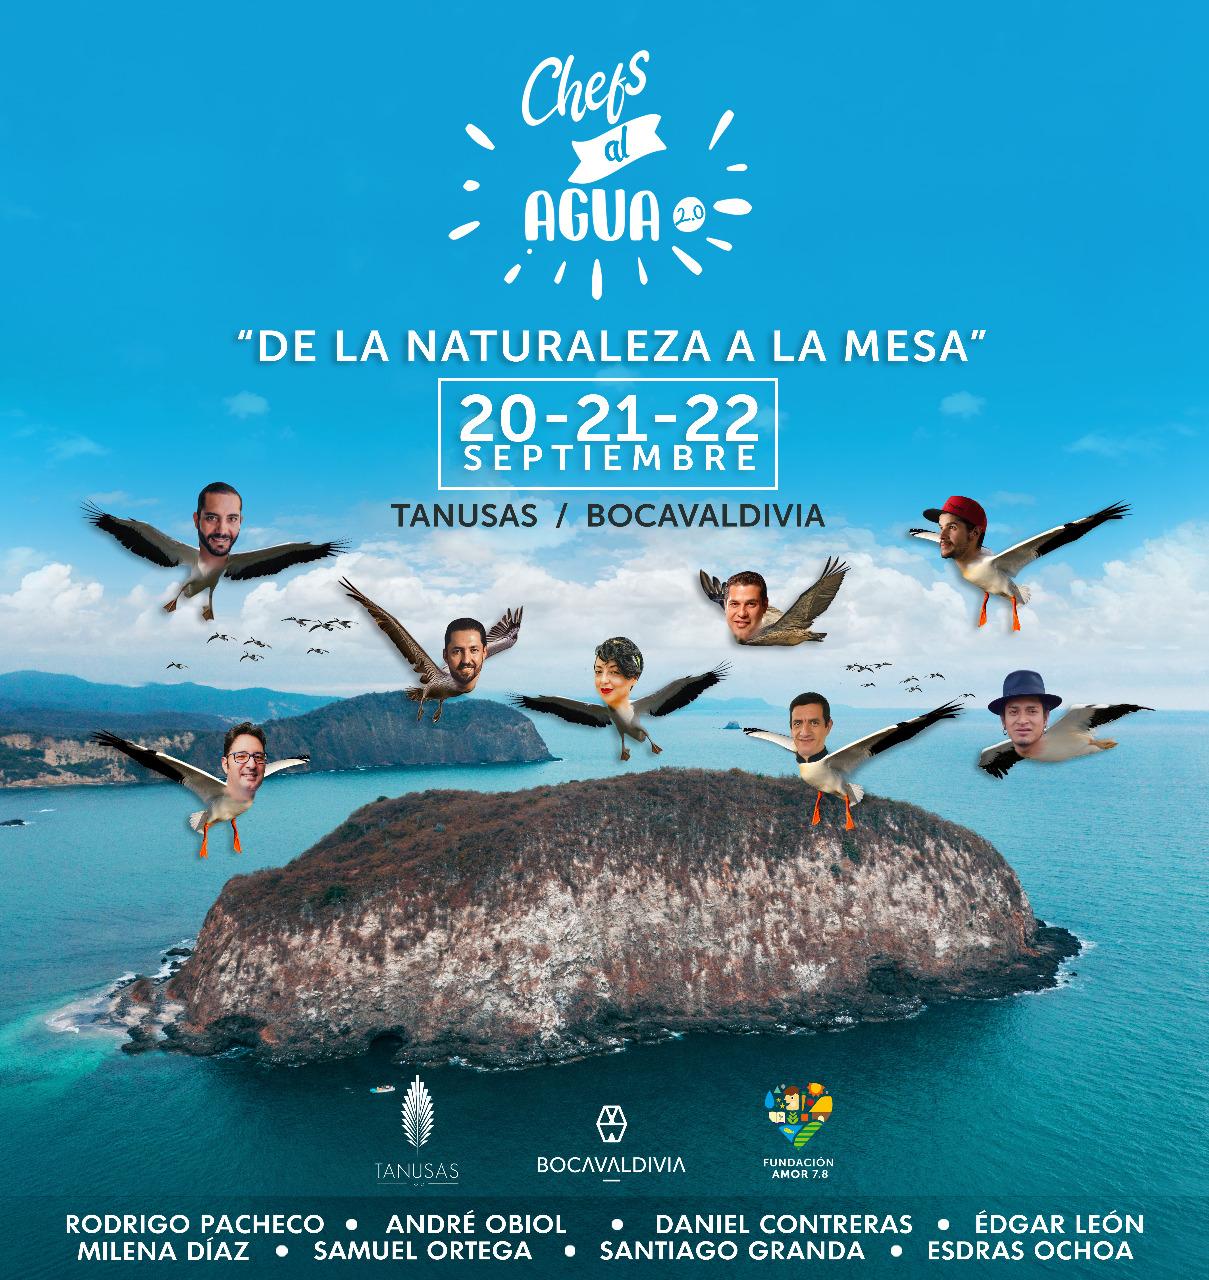 CHEFS AL AGUA 2.0